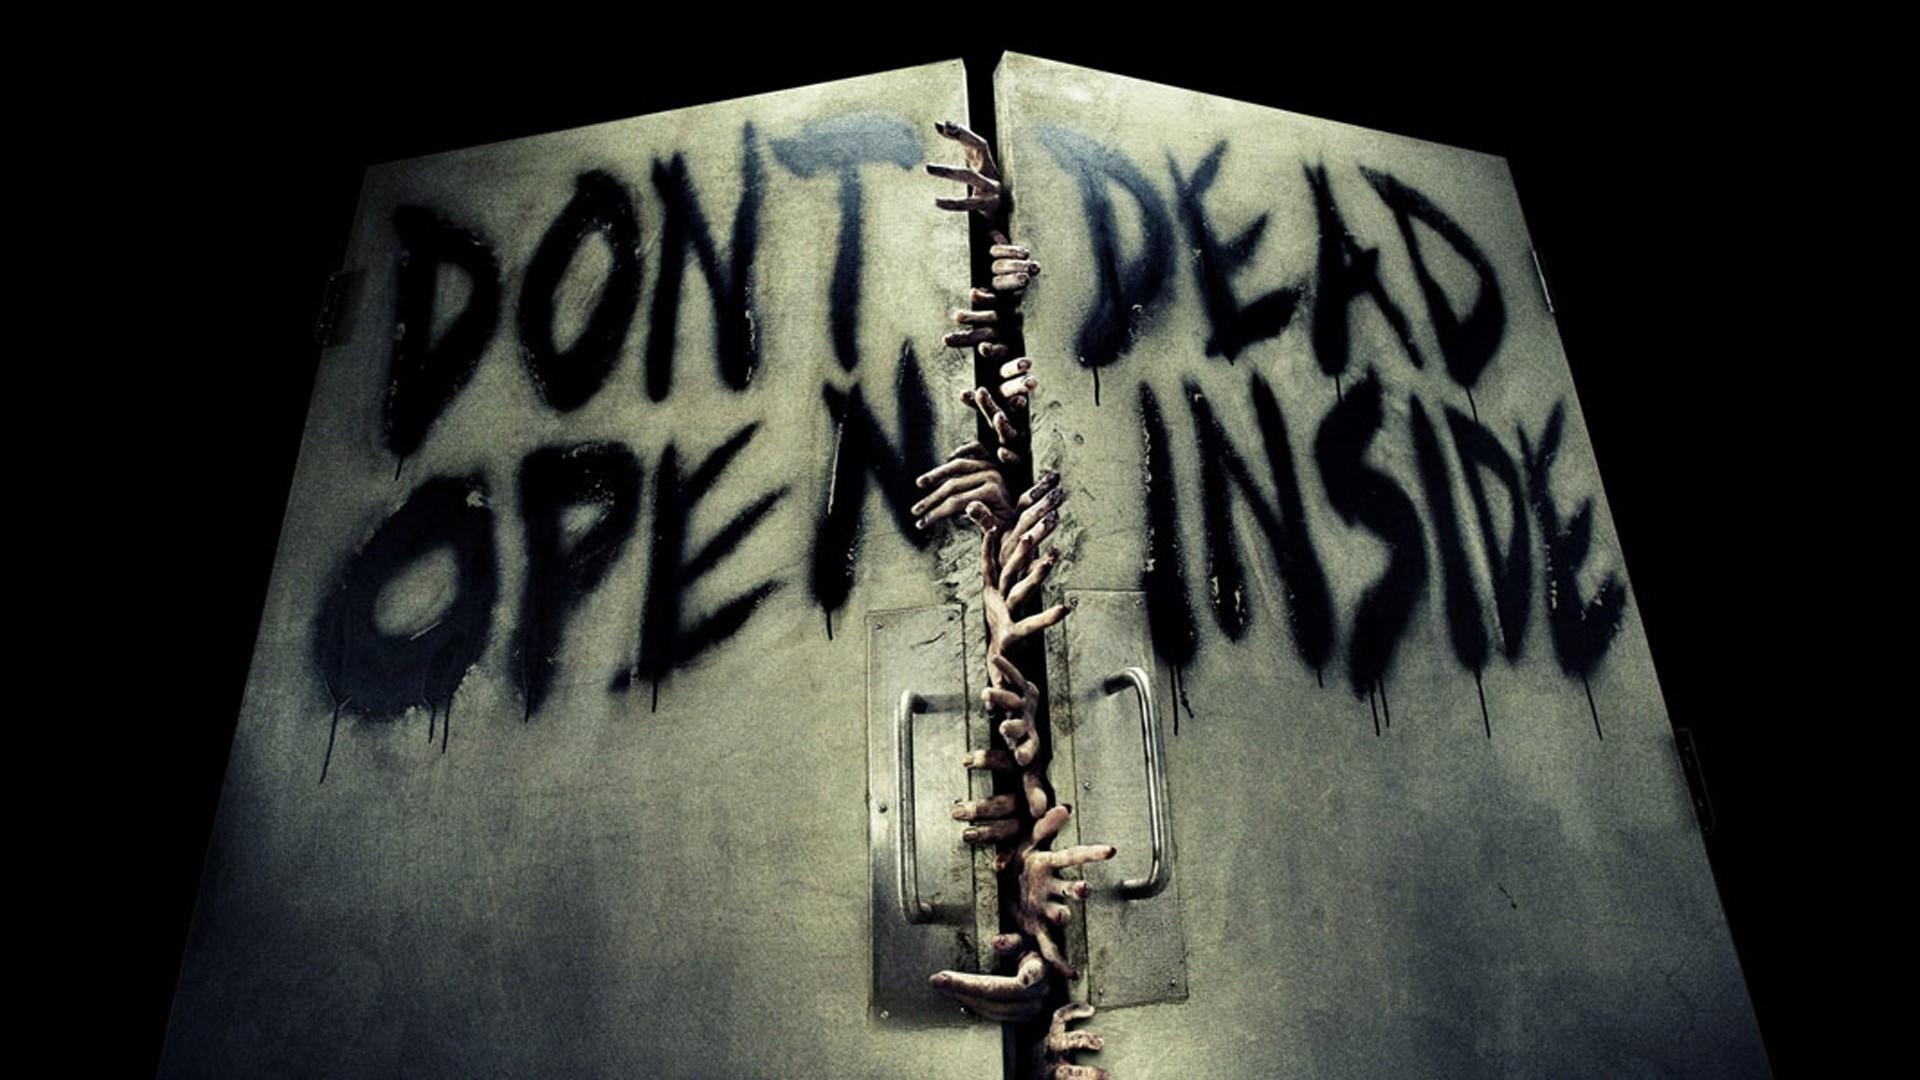 don039t-open-dead-inside-1920x1080-wallpaper241481.jpg